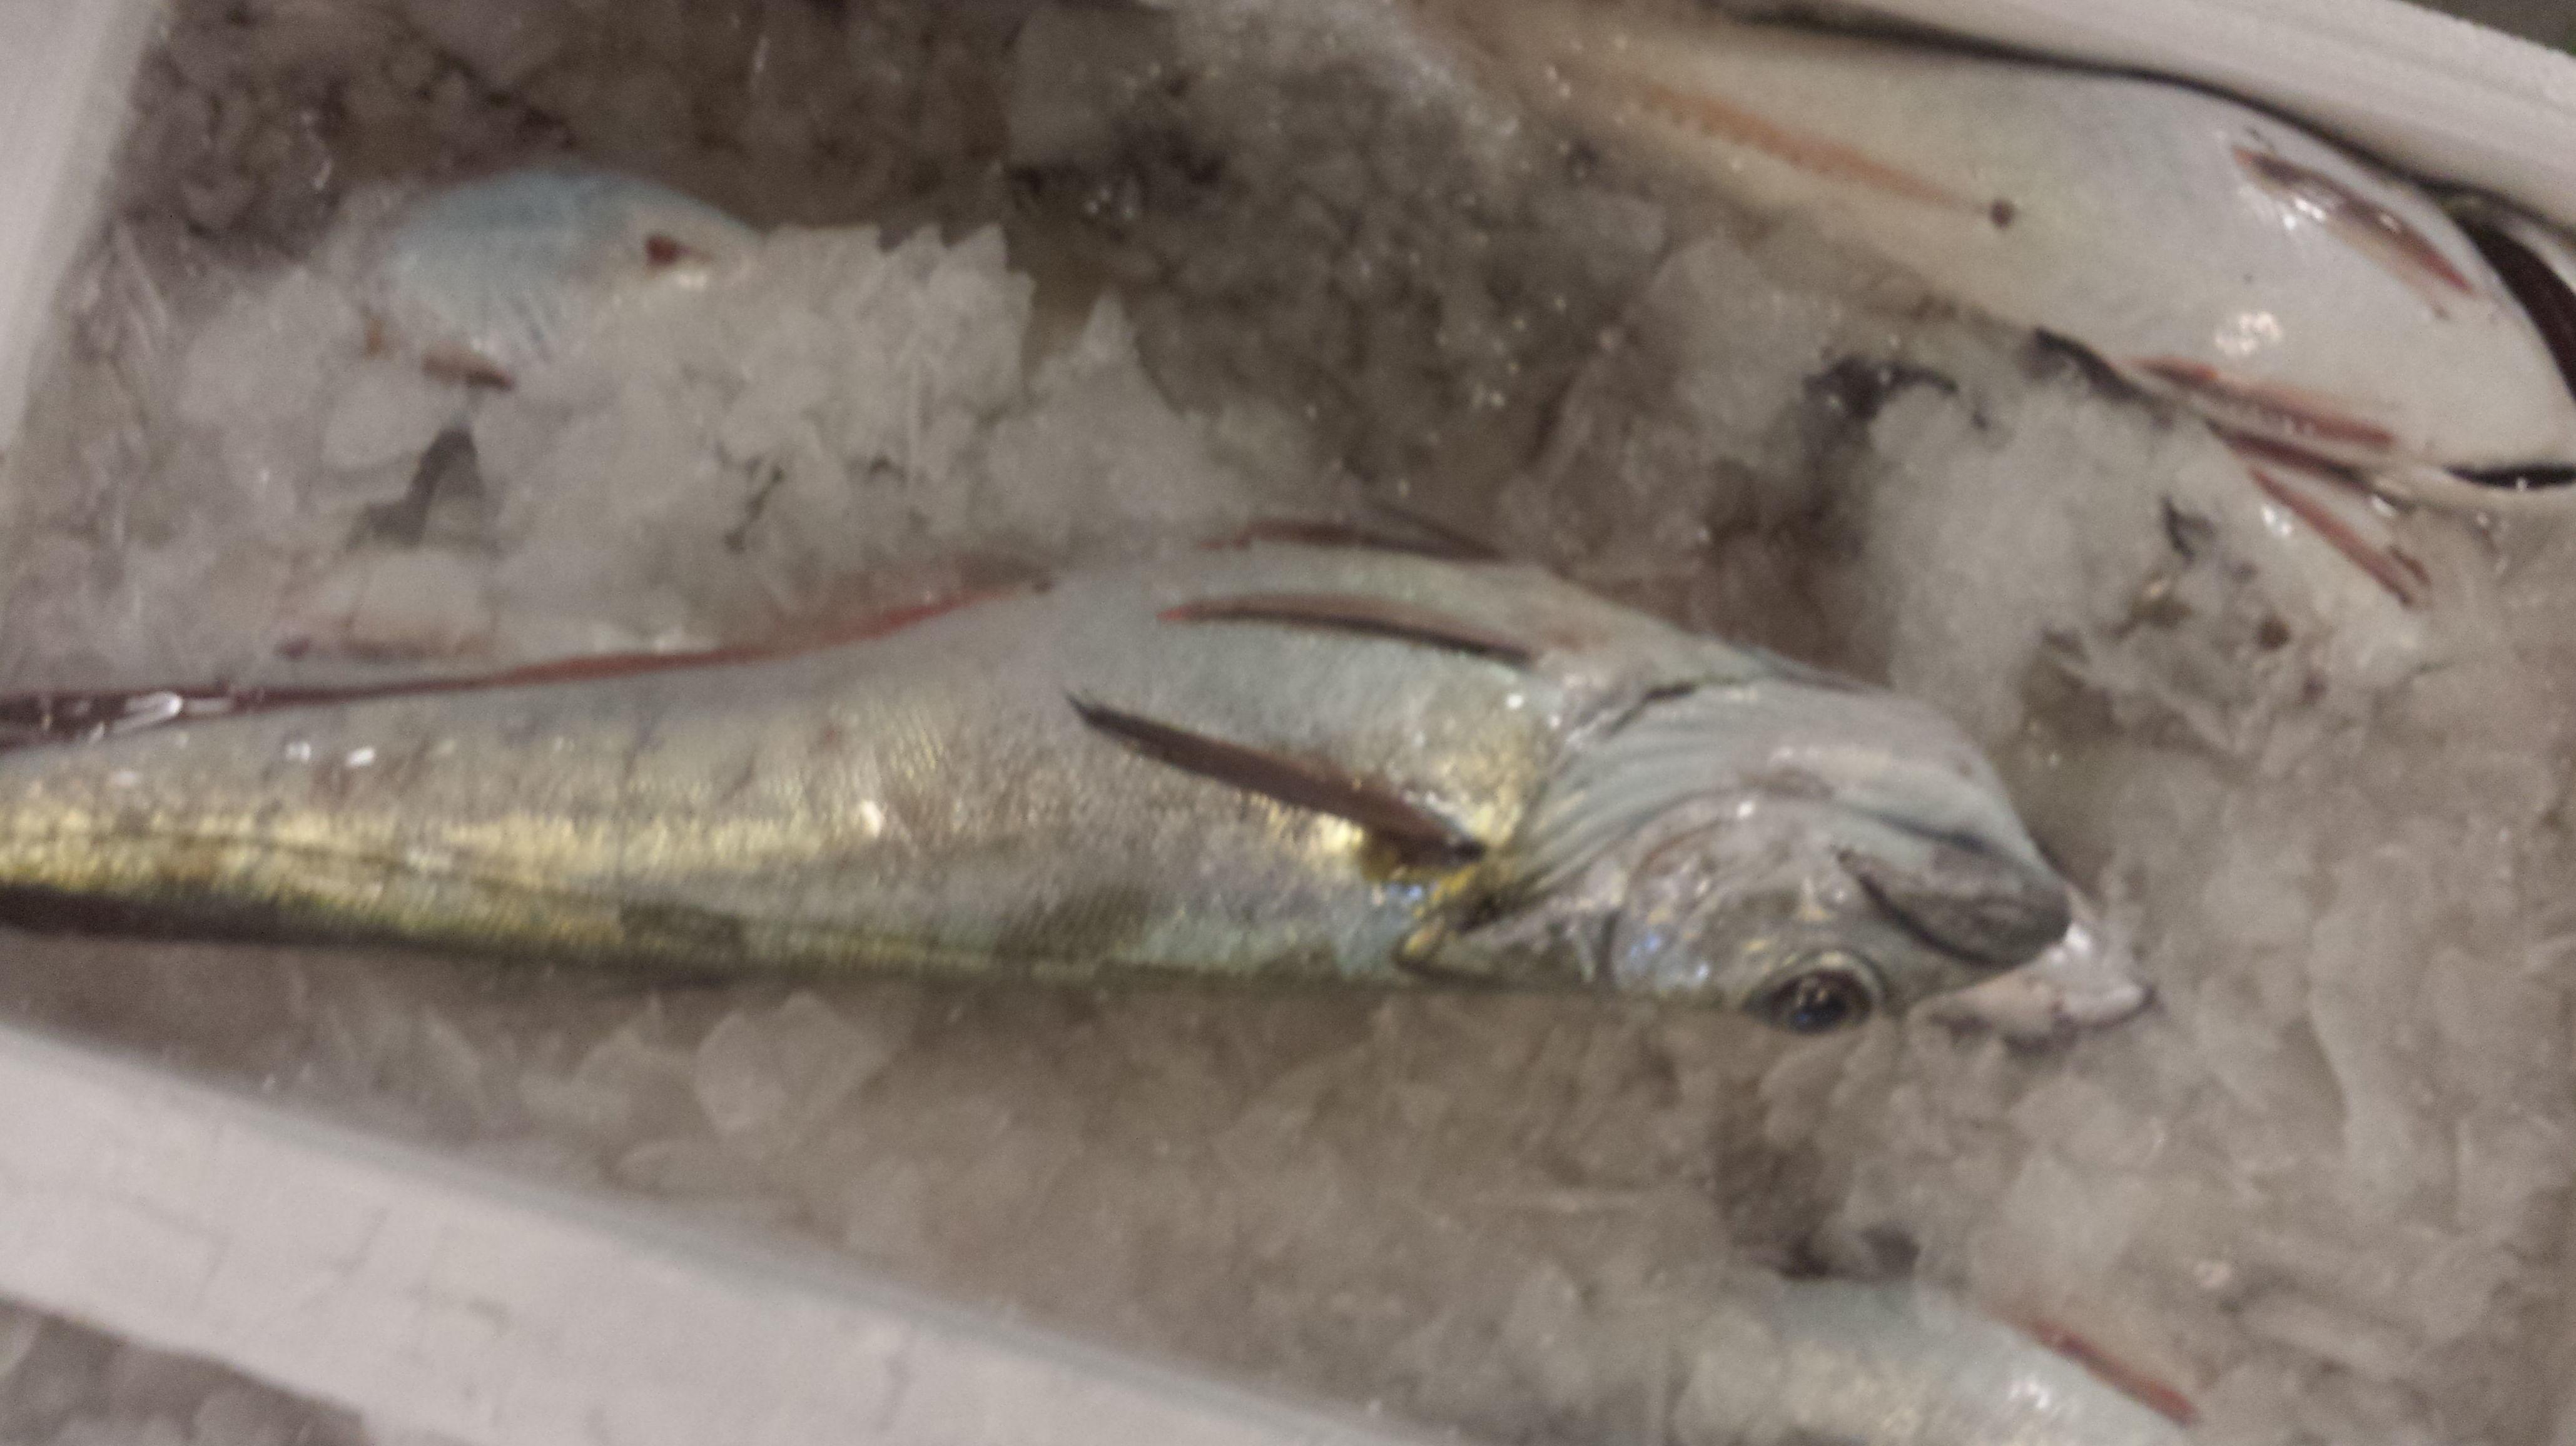 Foto 44 de Venta y distribución de pescados y mariscos del Cantábrico en Gijón   Pescastur